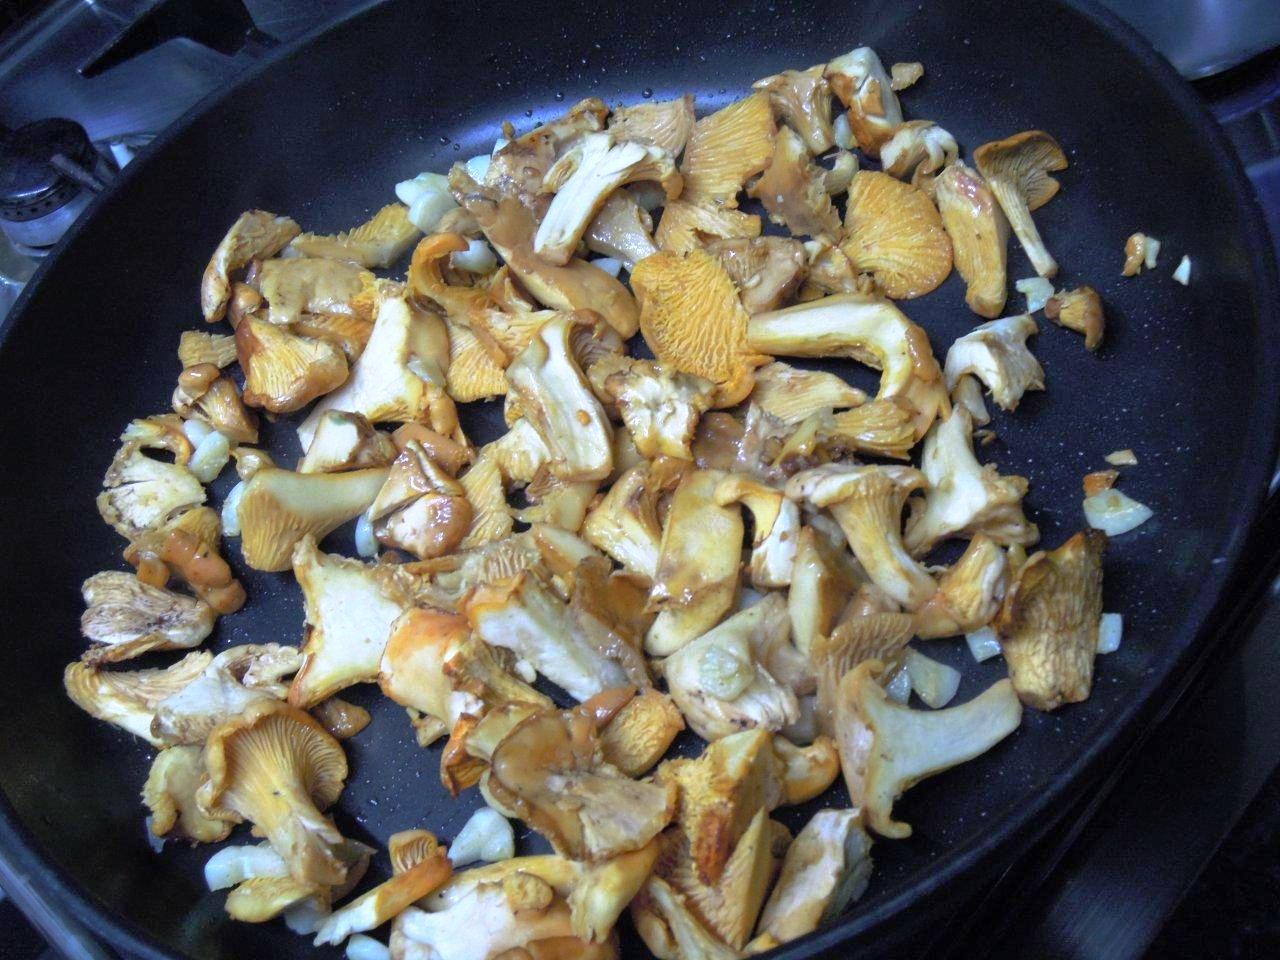 Caril de Cogumelos, cogumelos na frigideira - Grafe e Faca caril de cogumelos Caril de cogumelos DSCN1474